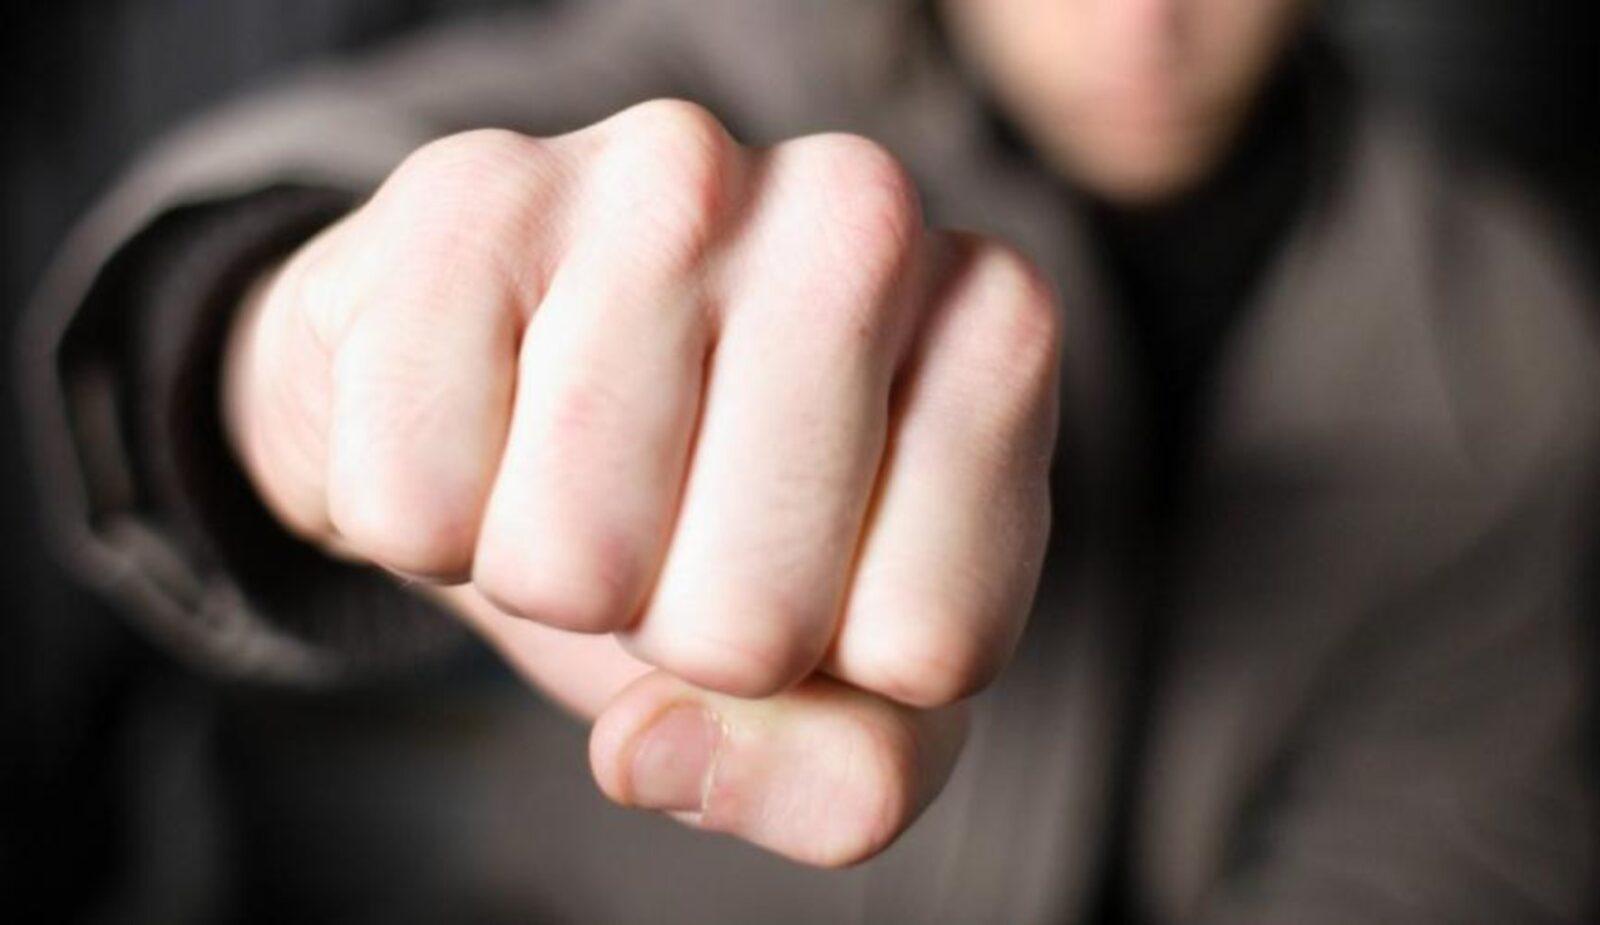 По пути в полицию житель Тверской области выбил зуб прохожему